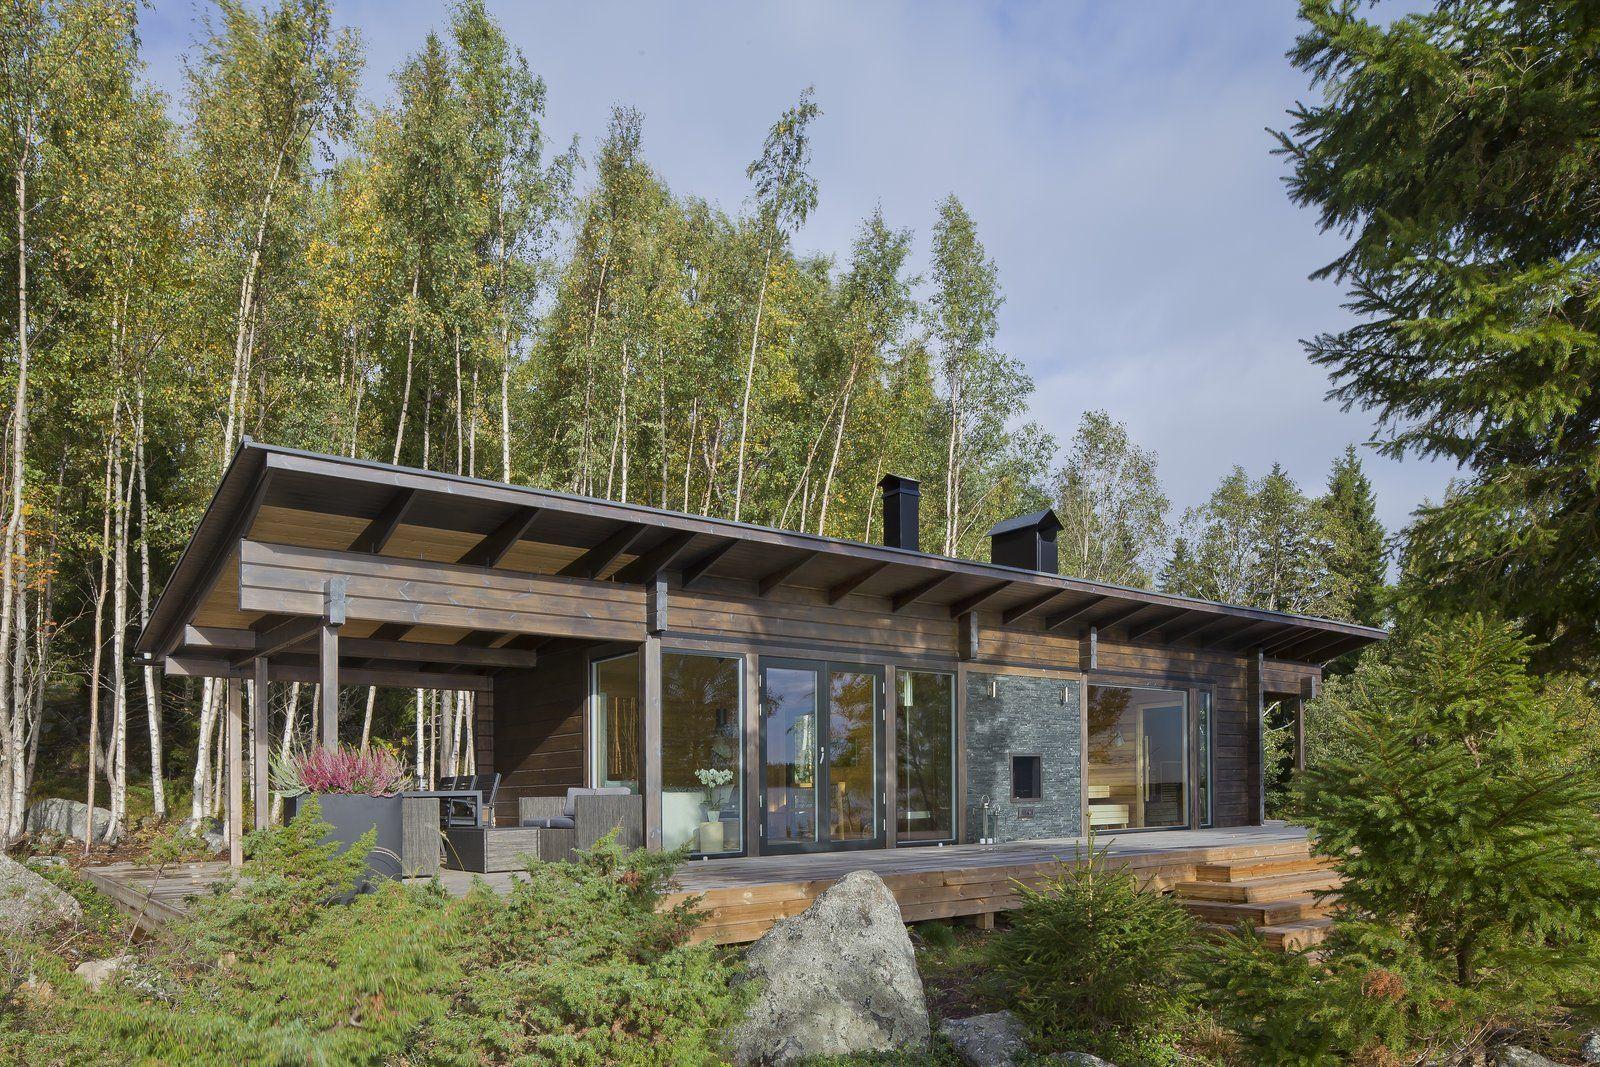 Modern Log Cabin Home Kits By Honka Prefab Log Cabin Kits In